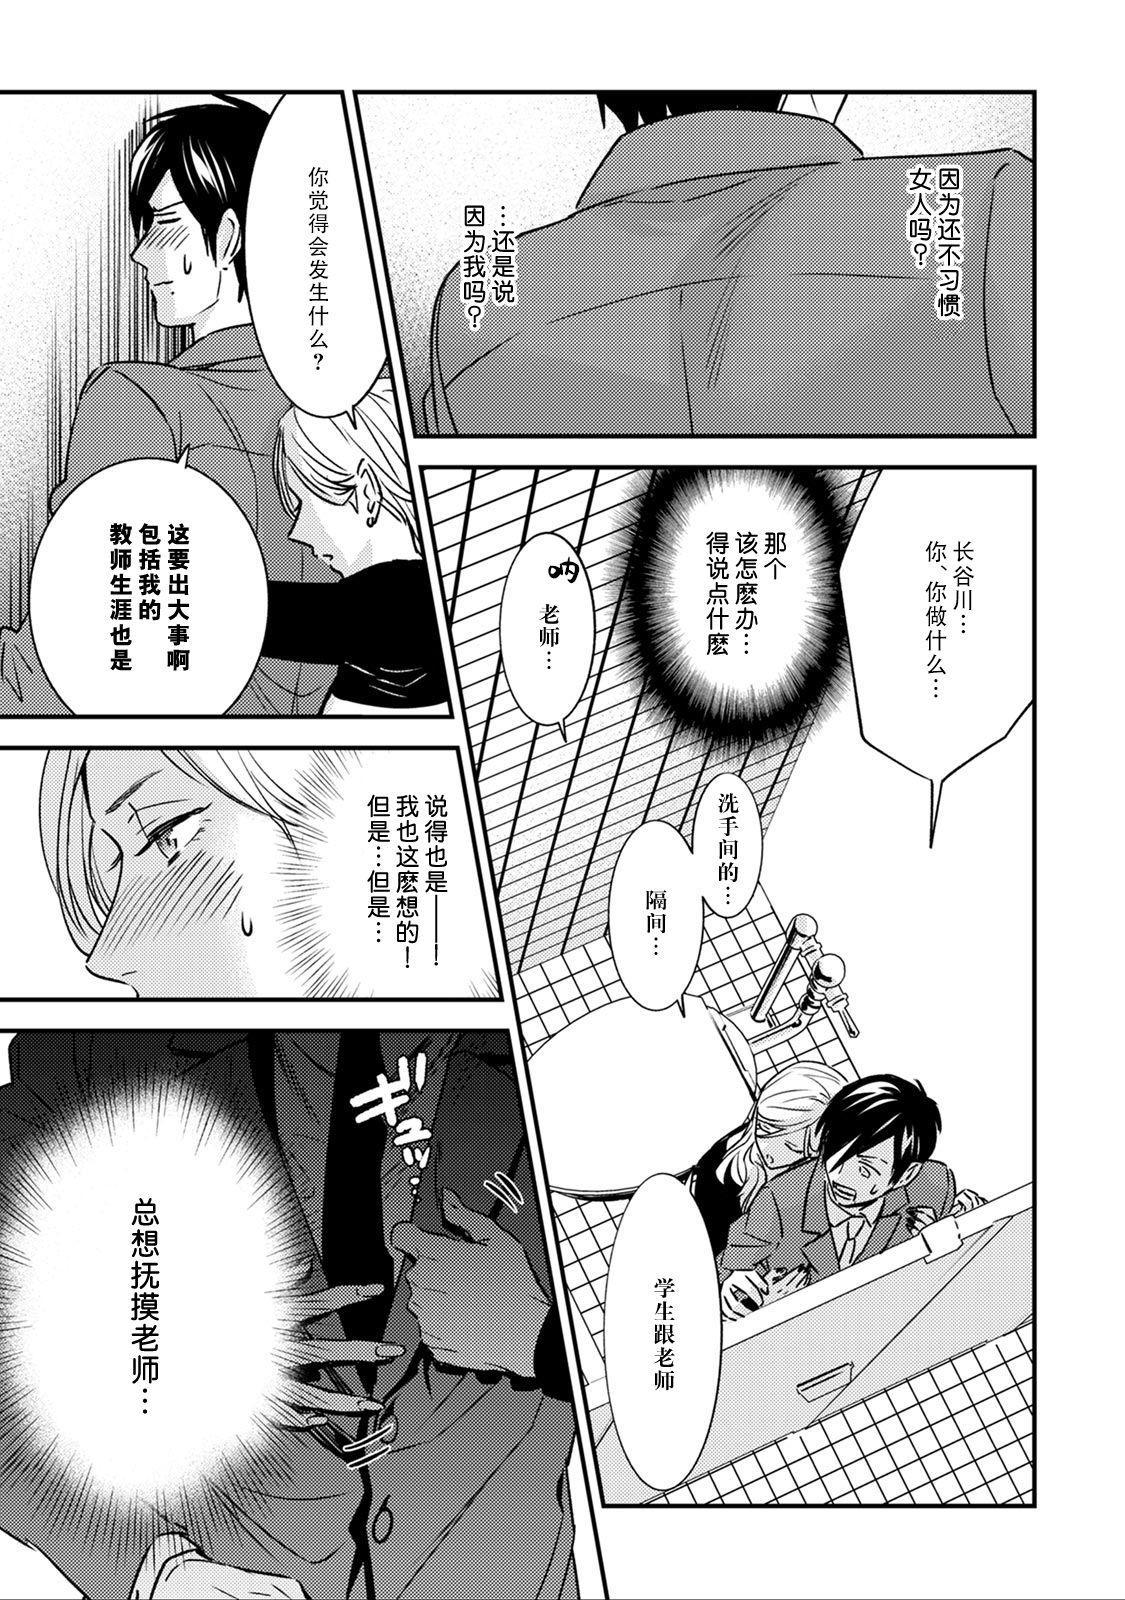 [Reiji] Sensei no Himitsu ~Kimi no ❤❤ ga Suki~ 2 [Chinese][莉赛特汉化组] 18